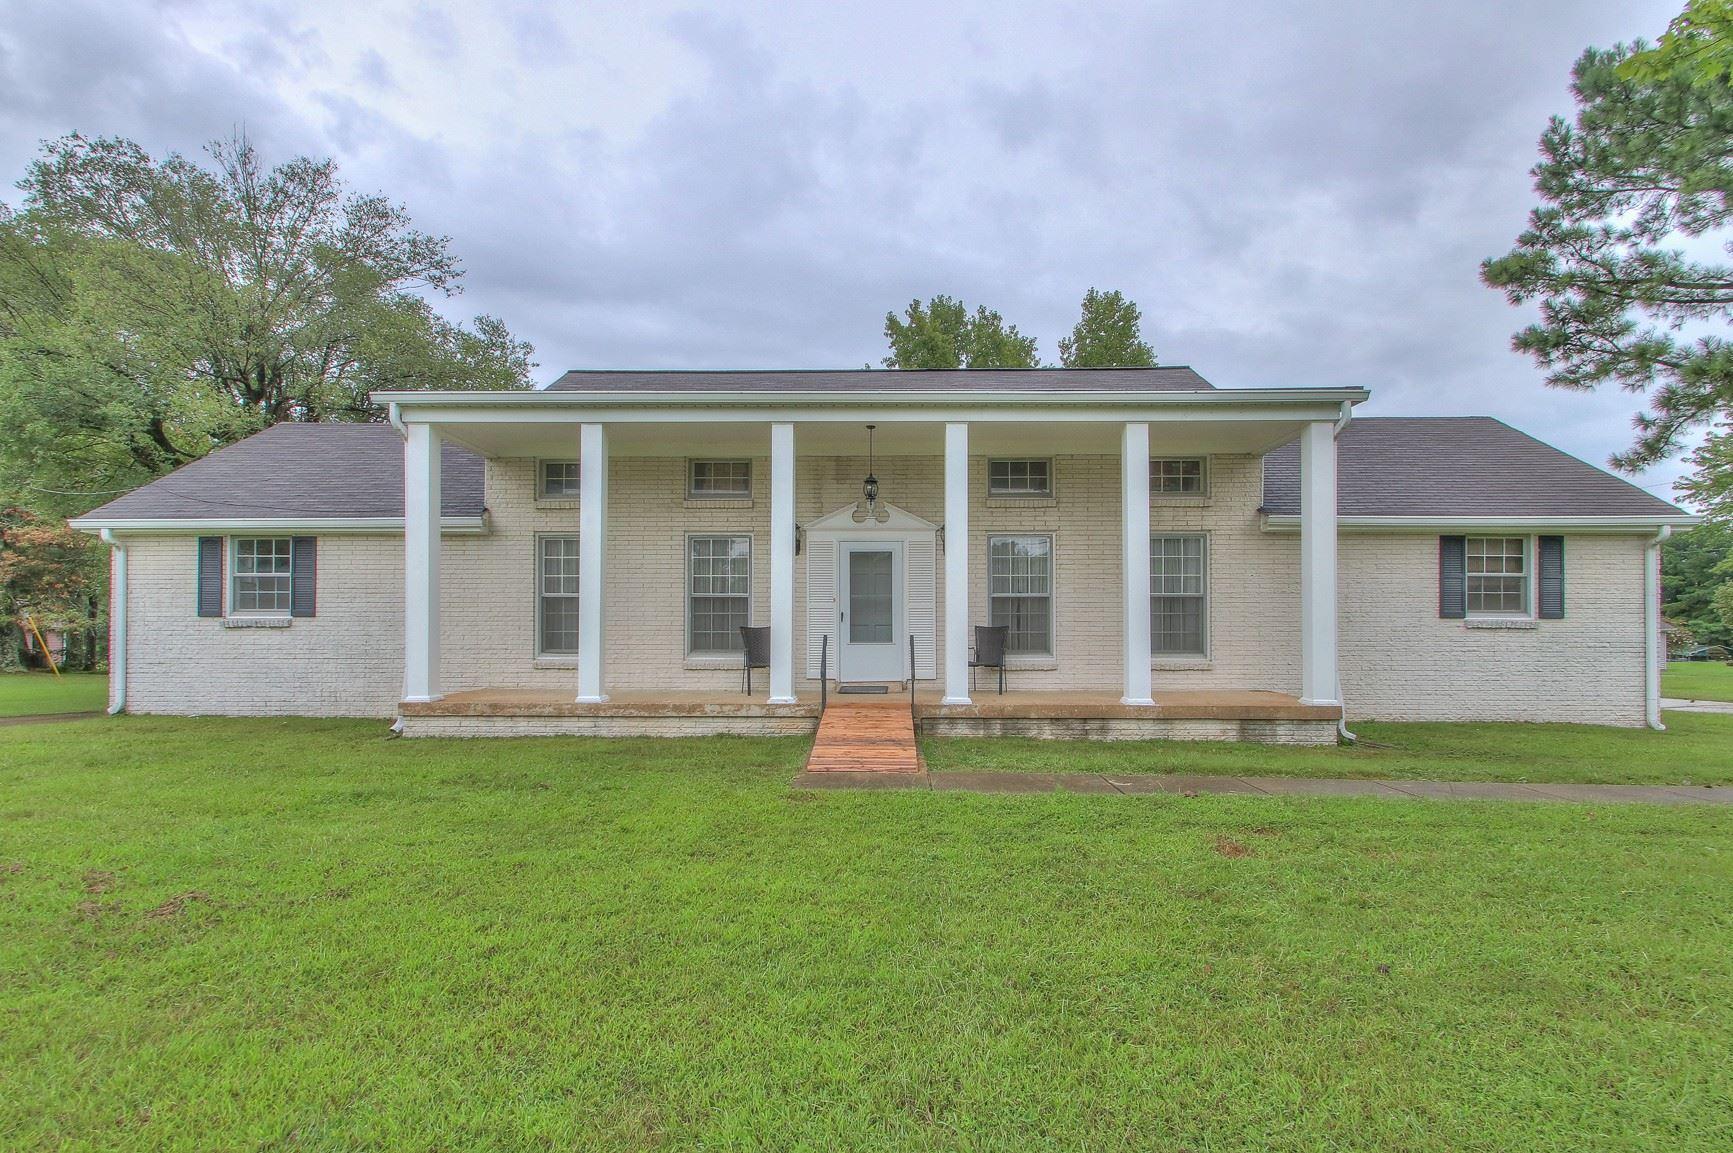 6974 Bethel Rd, Greenbrier, TN 37073 - MLS#: 2291700